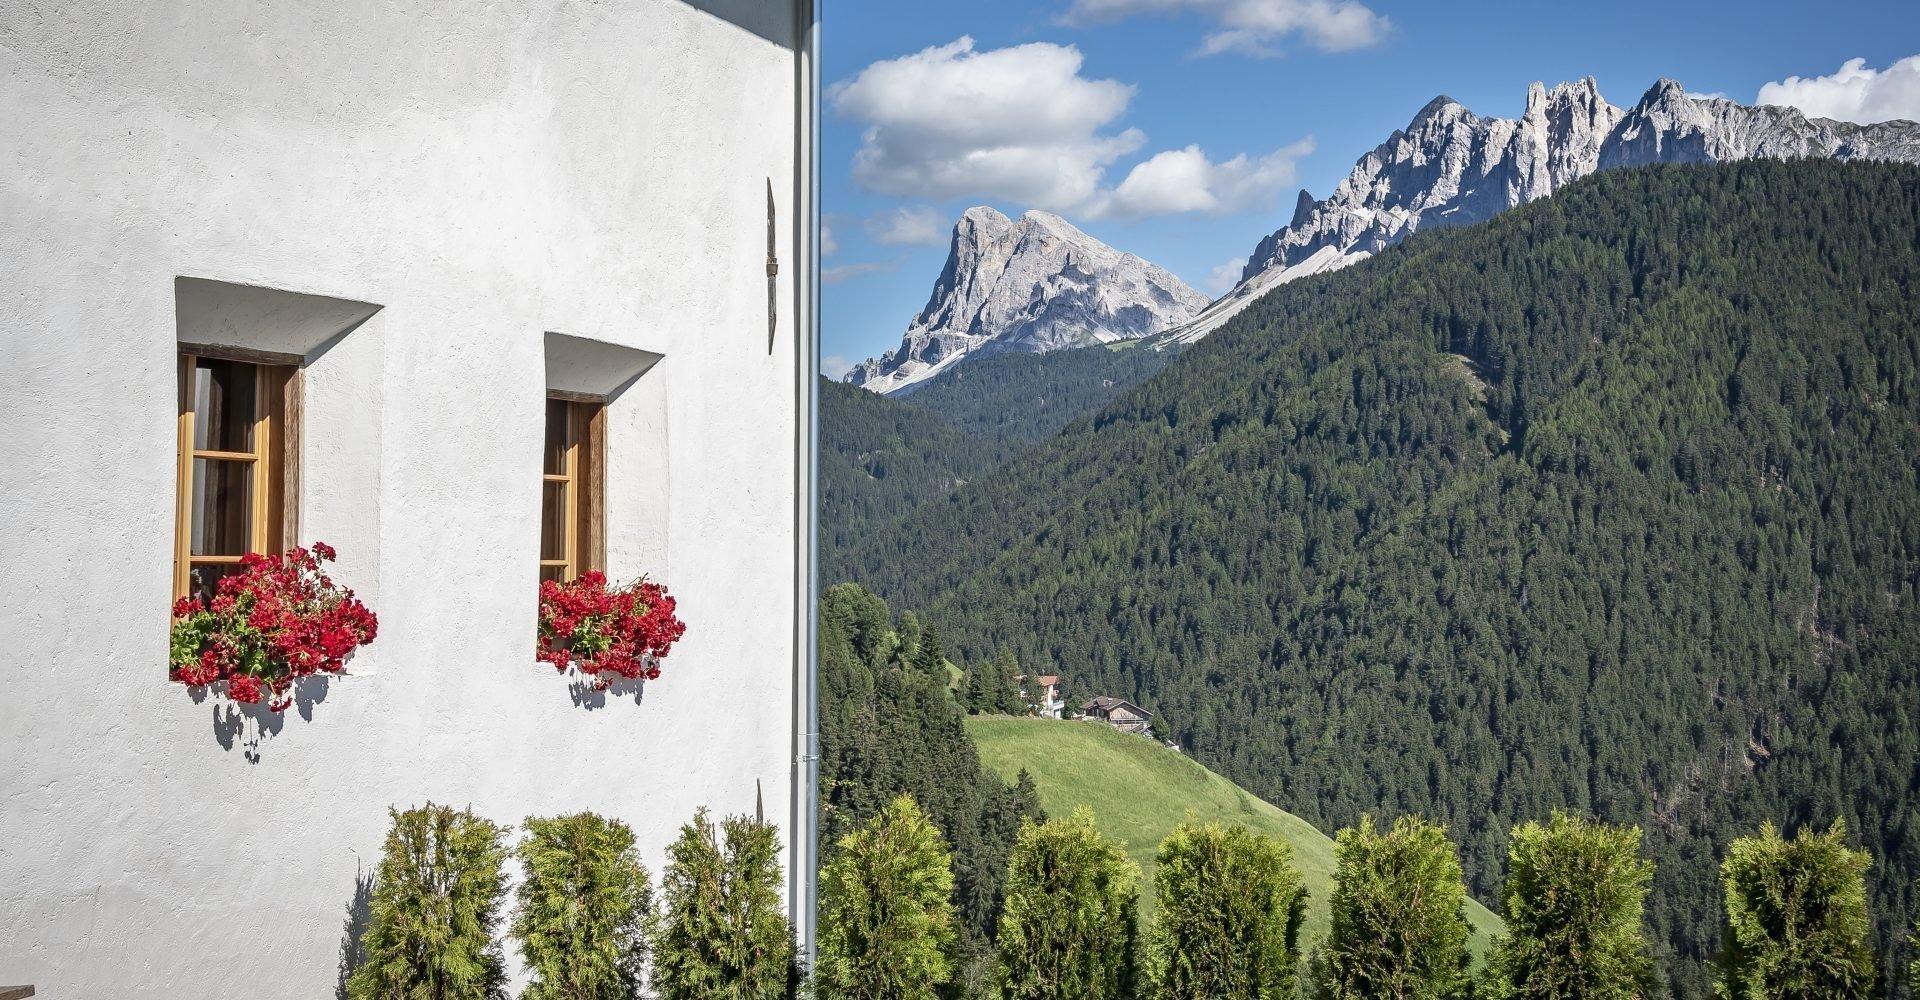 Urlaub auf dem Bauernhof in Afers bei Brixen im Eisacktal